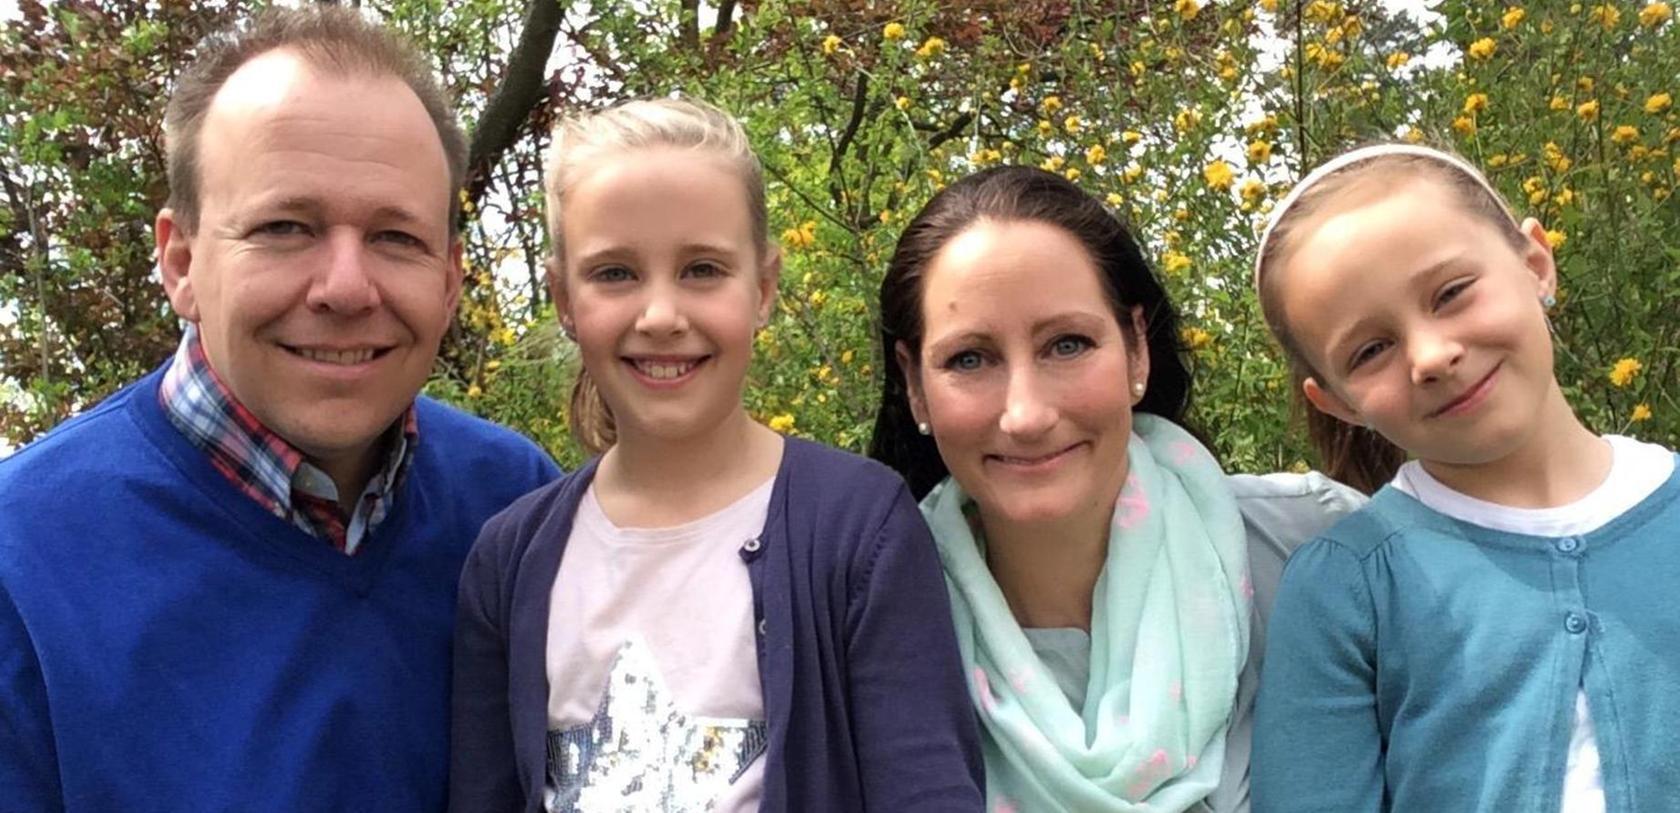 Daniel, Laura, Anna und Julia Feuerstein (v. li.) sind begeistert von der Ferienbetreuung des Fürther Bündnisses für Familien.